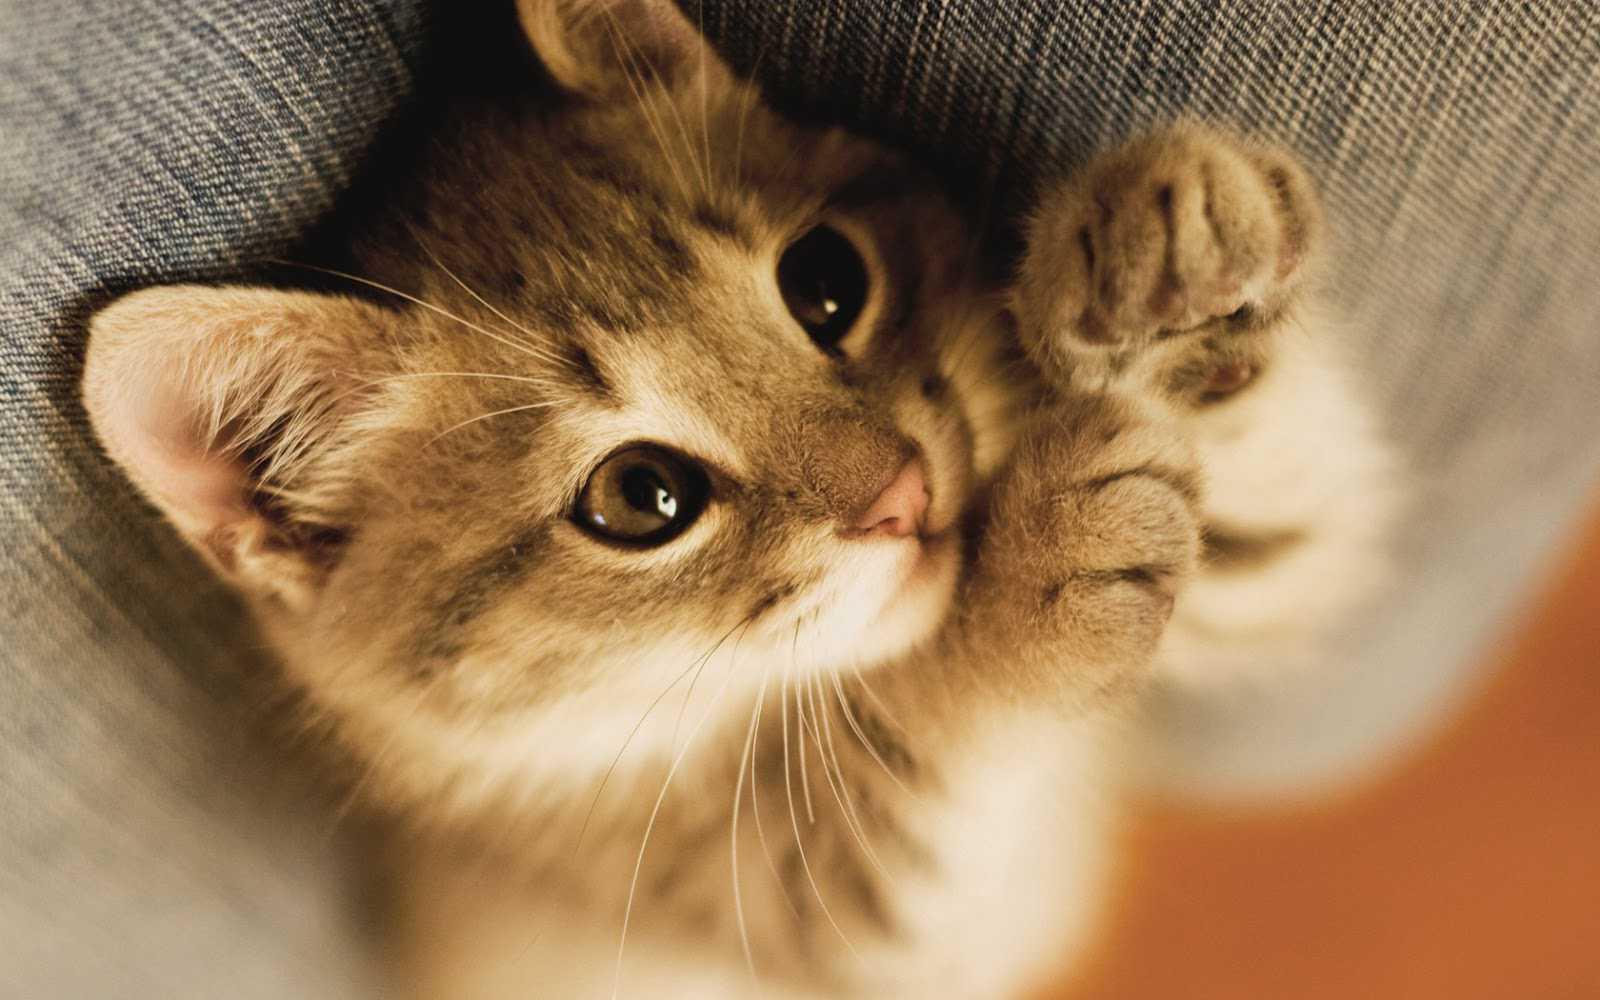 おいしそうな脚の女子高生233脚目 [転載禁止]©bbspink.com->画像>555枚